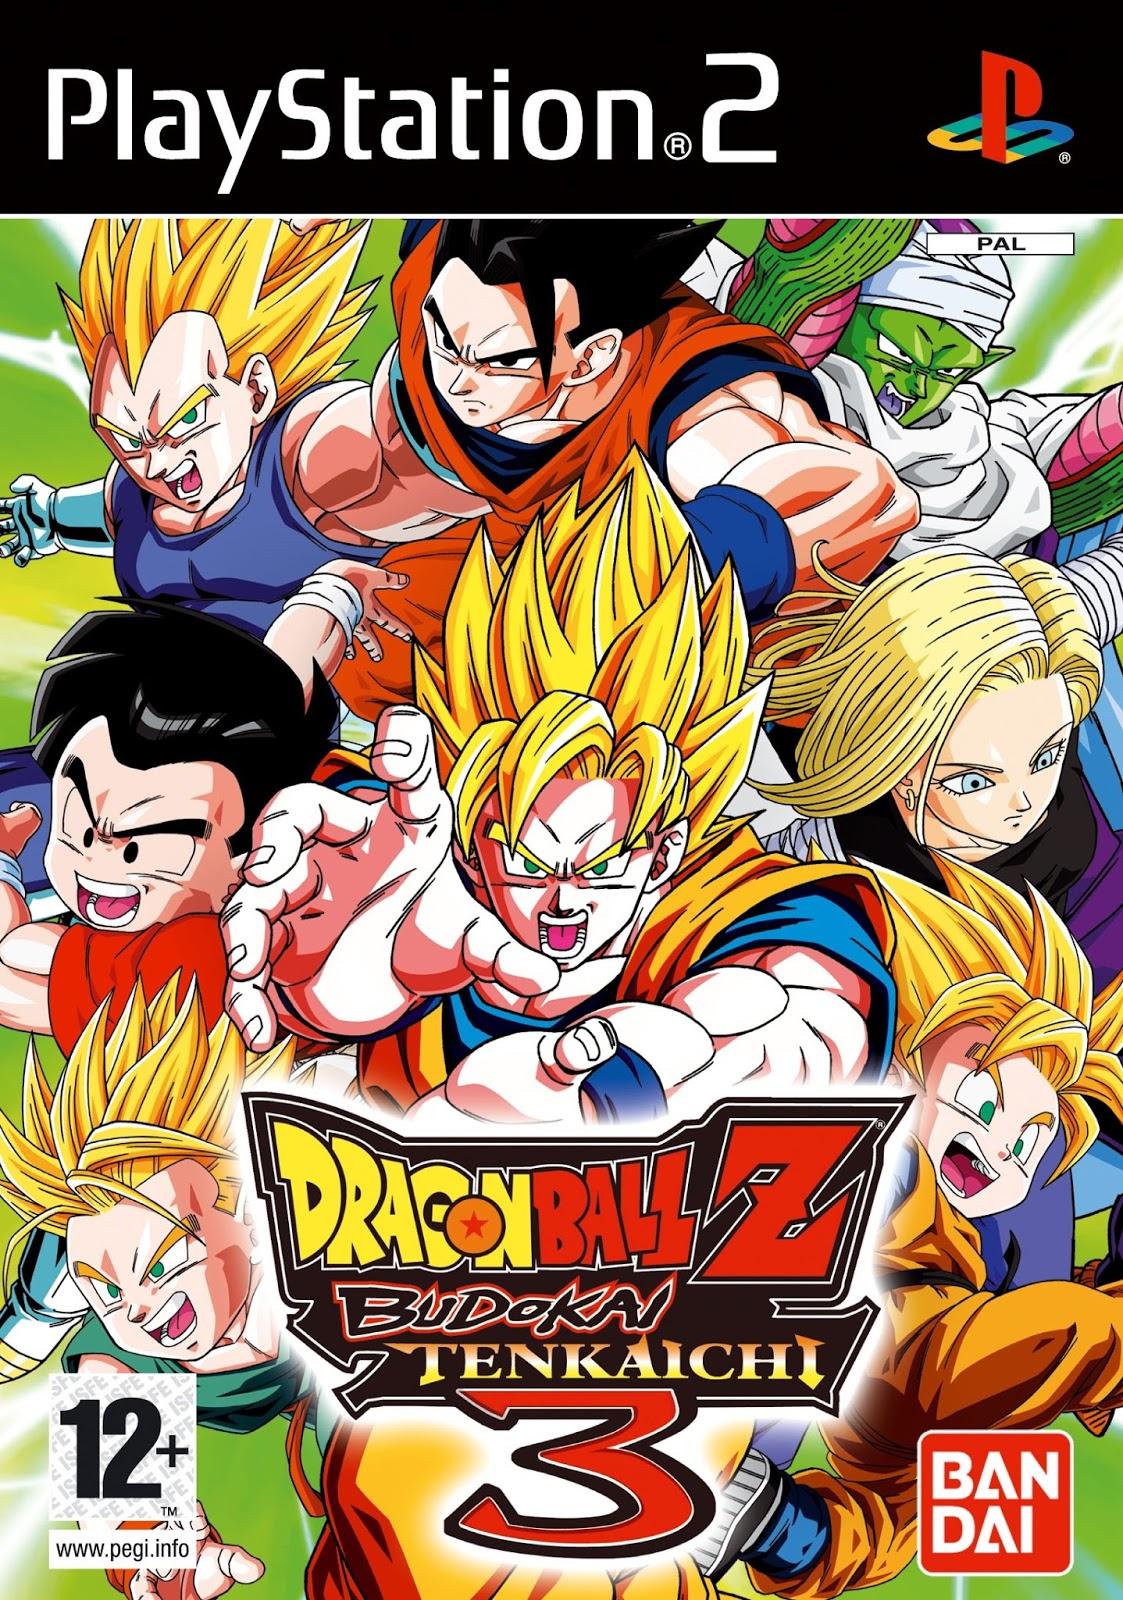 Download Dragon Ball Z: Budokai Tenkaichi 3 tips App For